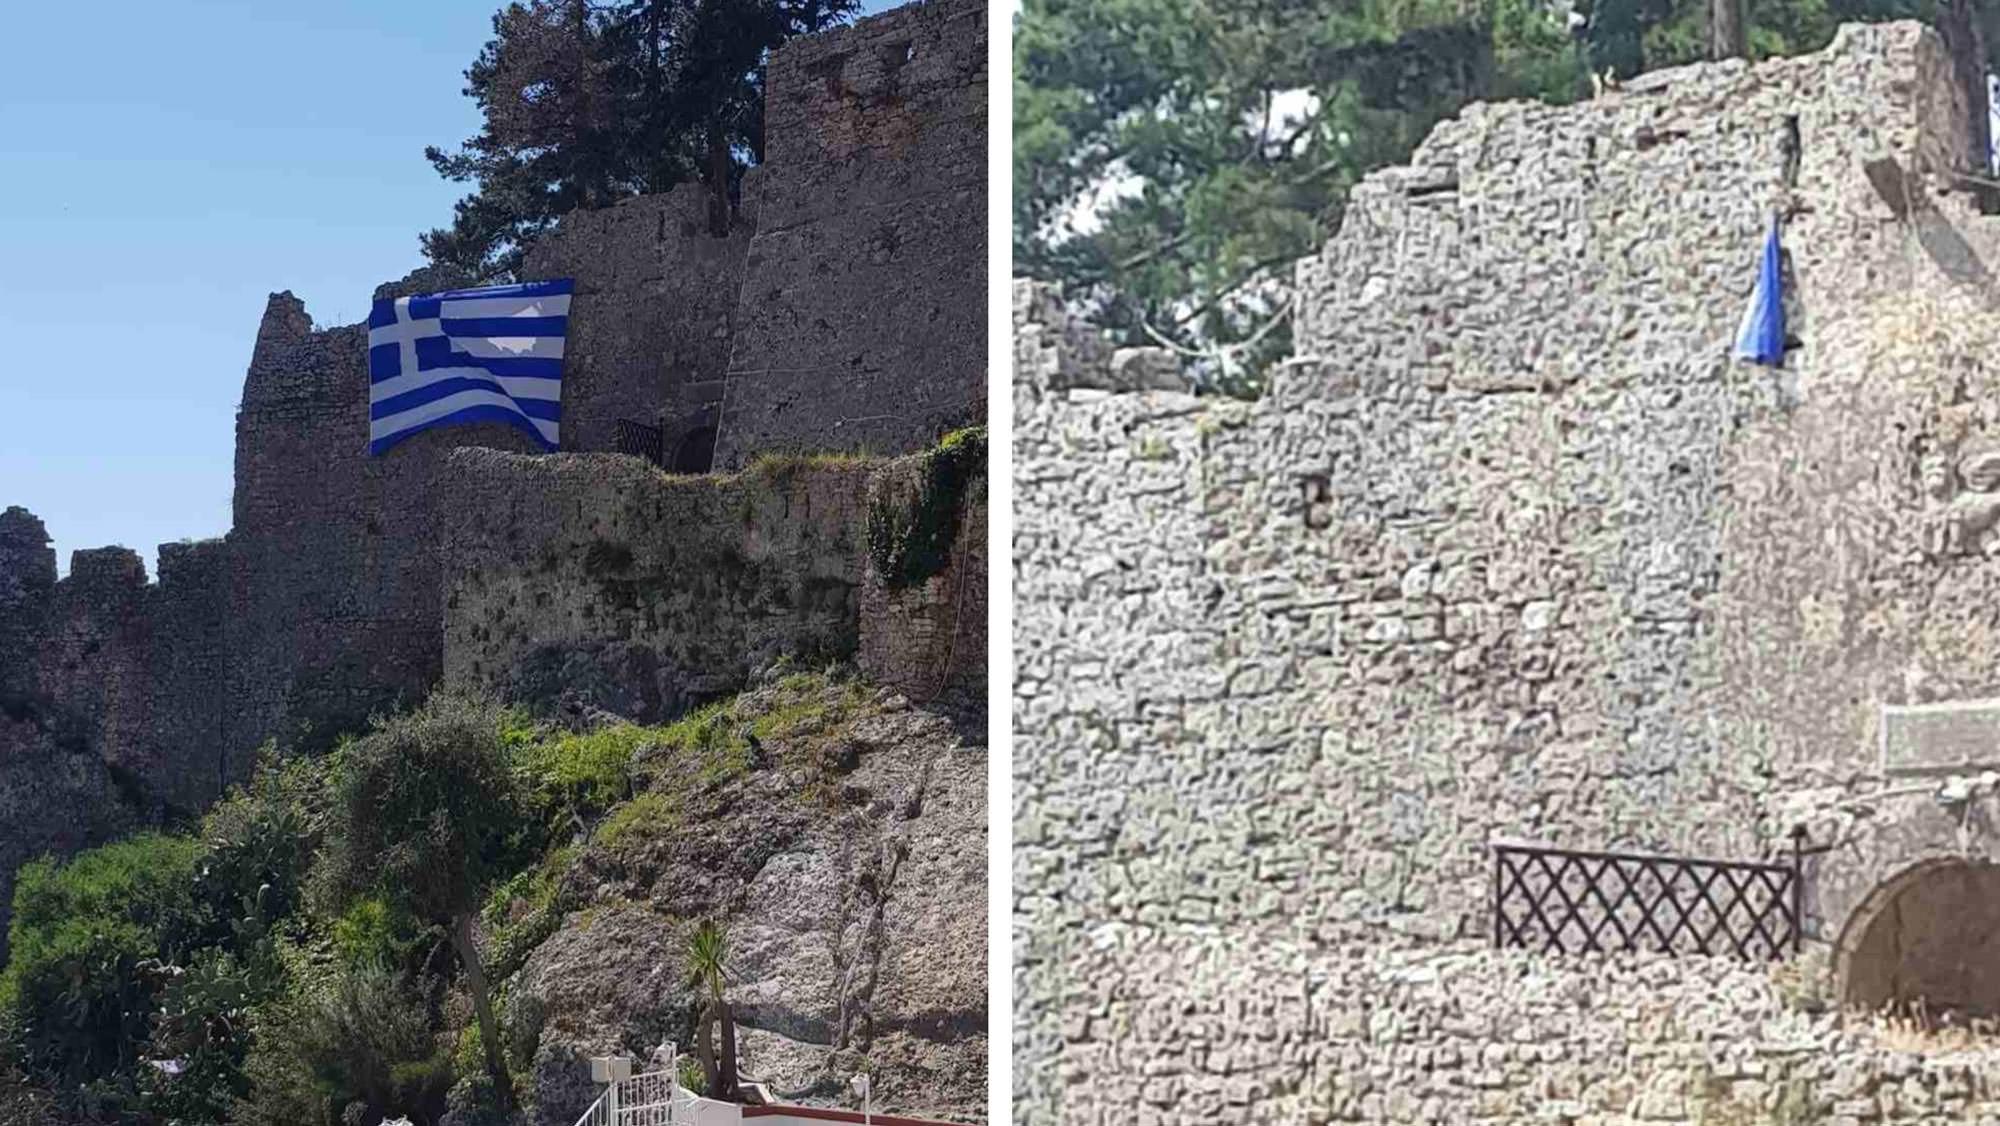 Σχισμένη σημαία ενετικό κάστρο πάργα